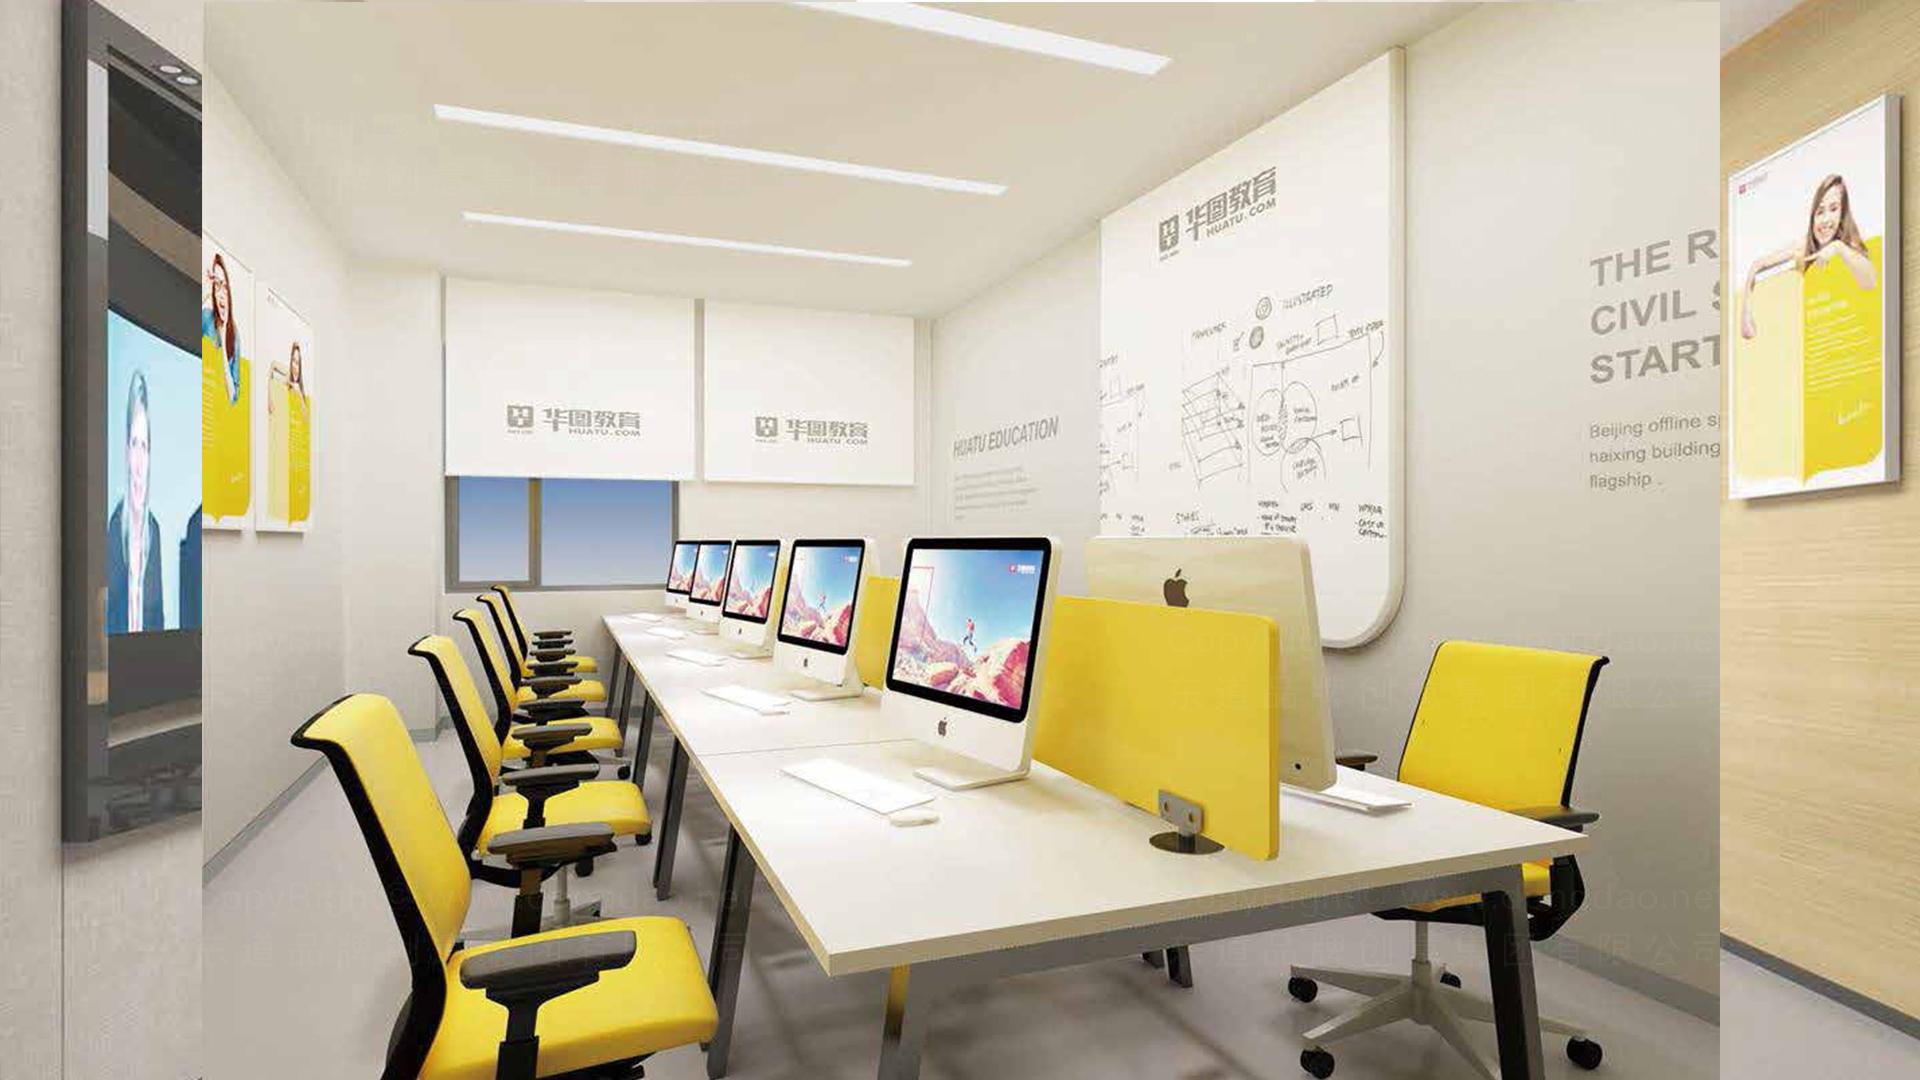 商业空间&导示华图教育终端SI设计应用场景_1